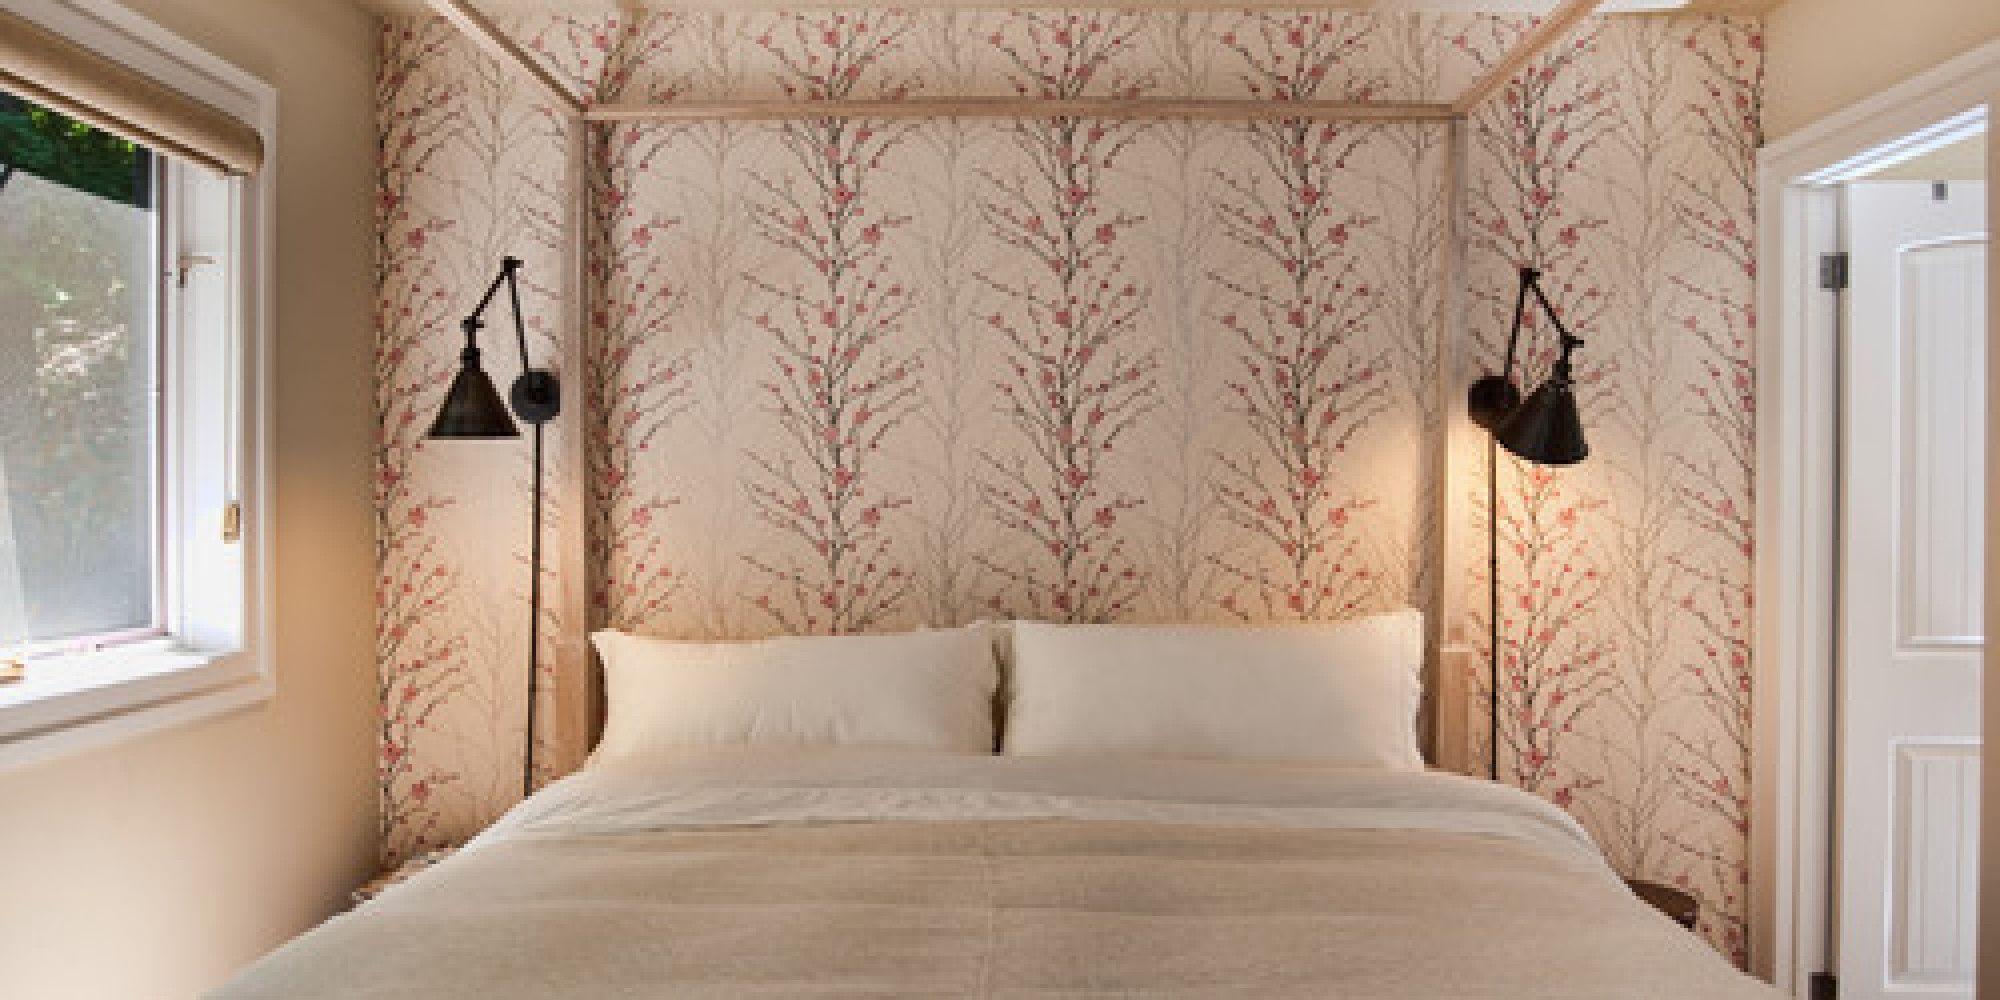 Schmales Schlafzimmer einzurichten? Diese 9 Tipps helfen weiter ...